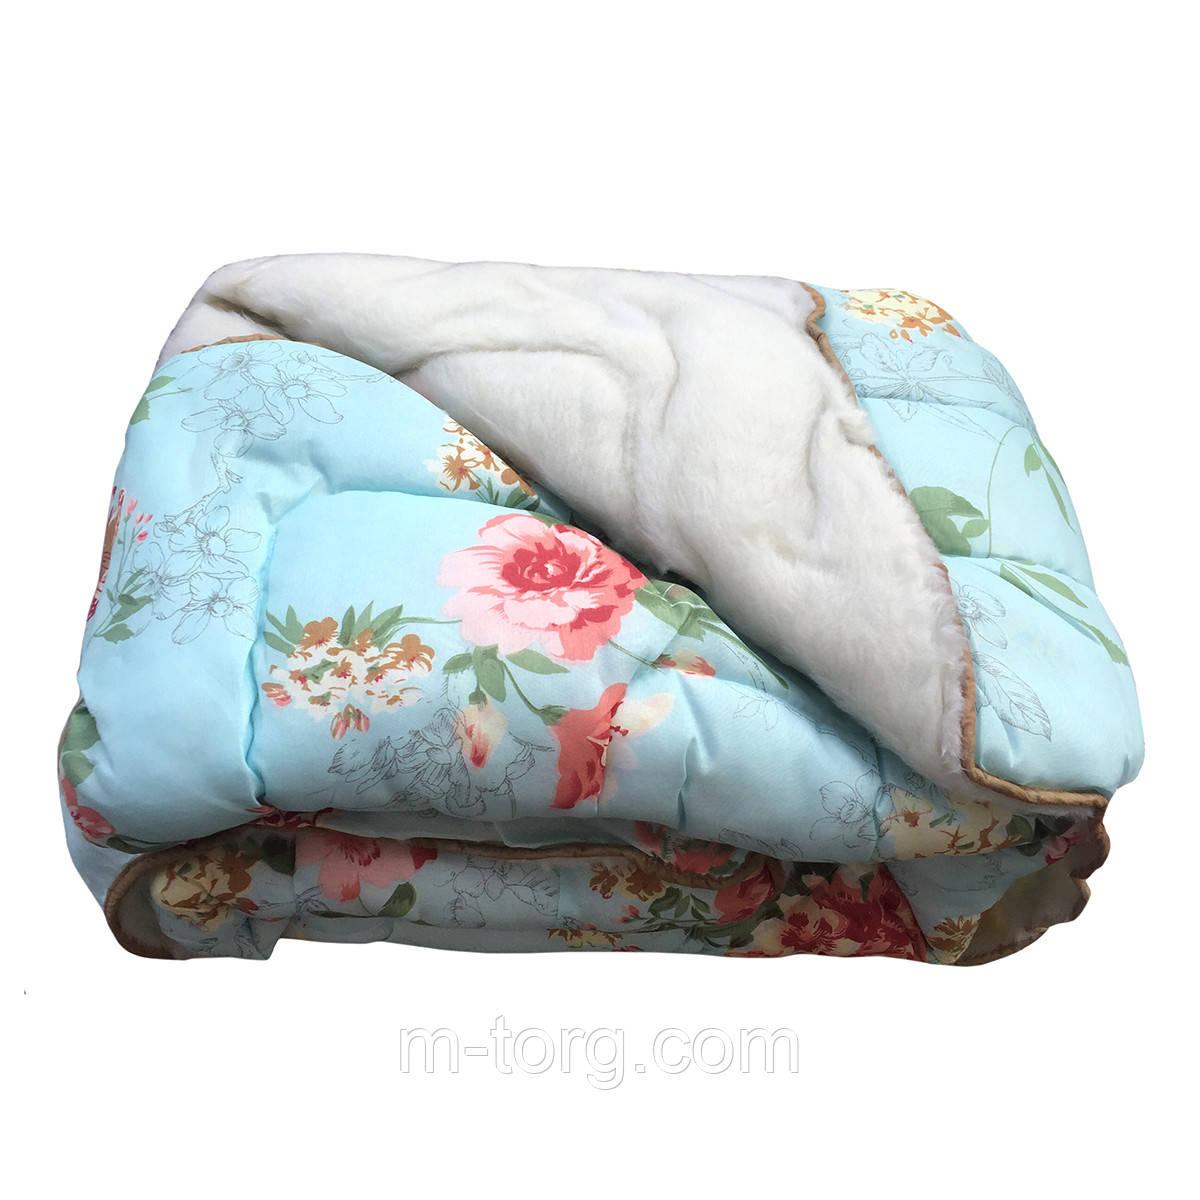 Недорогое шерстяное  полуторное одеяло с мехом 145/215, ткань поликотон